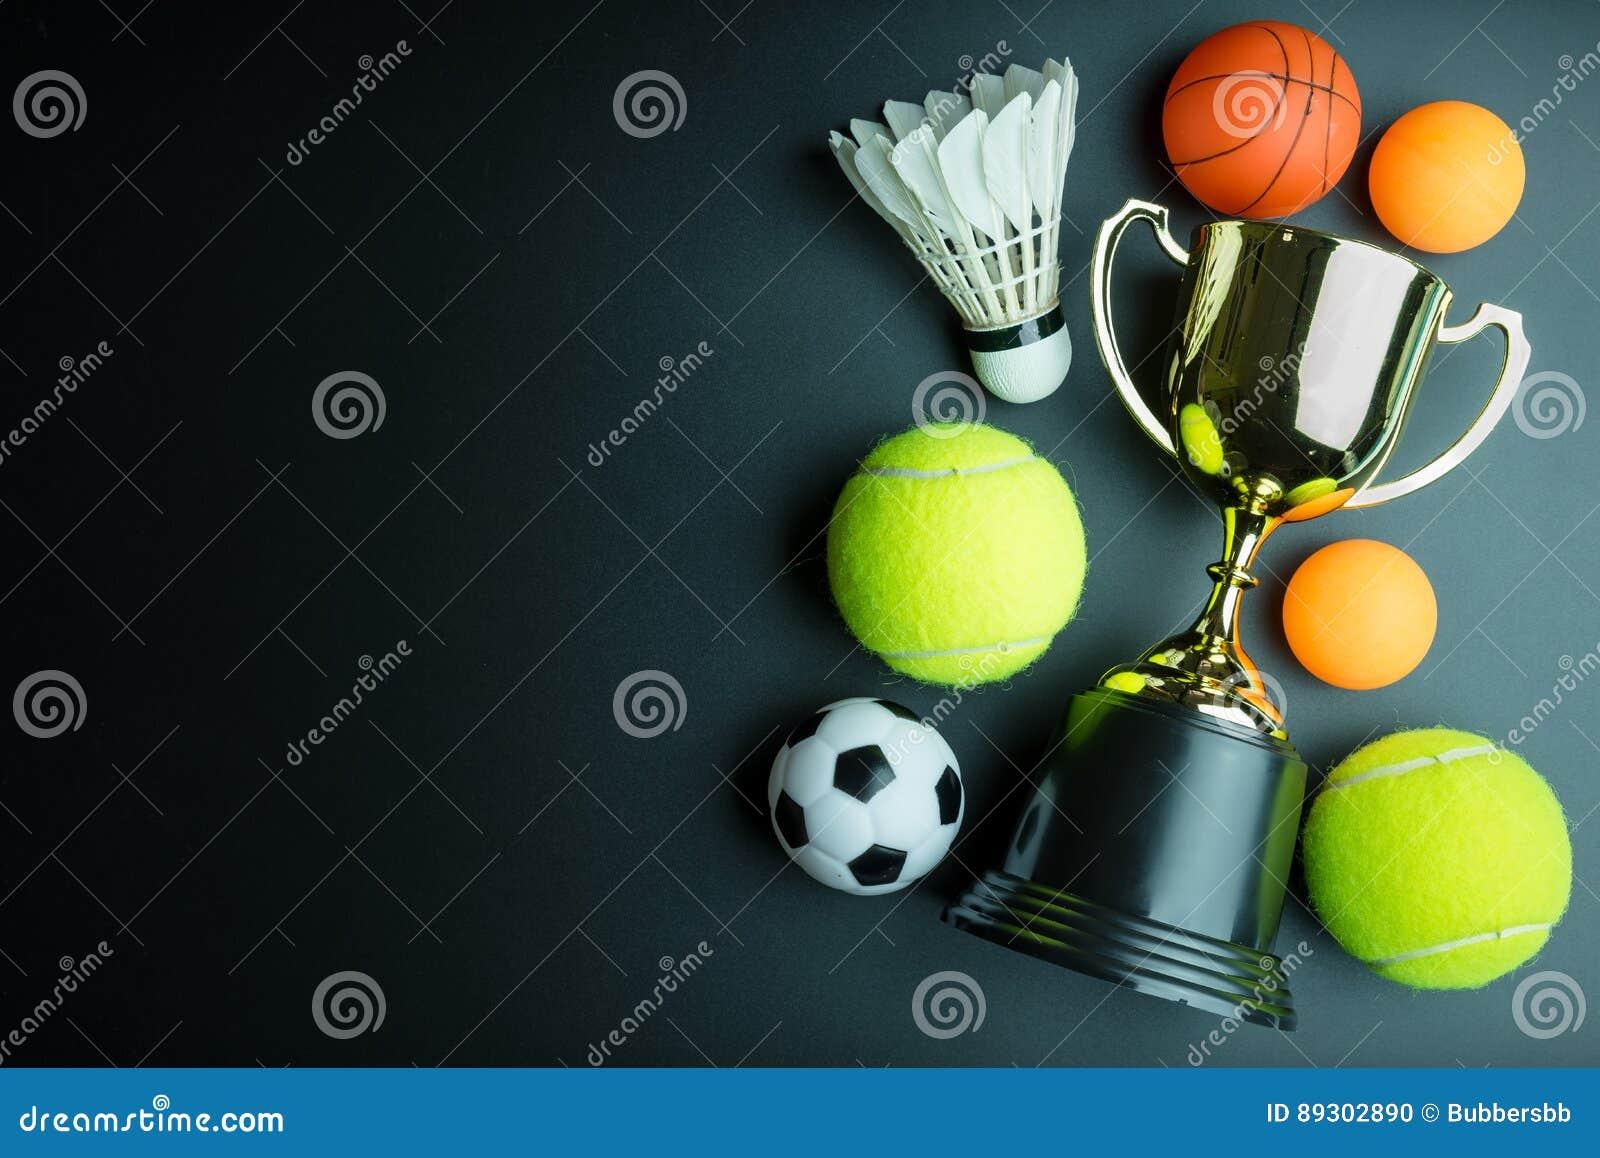 金黄战利品,橄榄球玩具,棒球玩具,乒乓球, Shutt